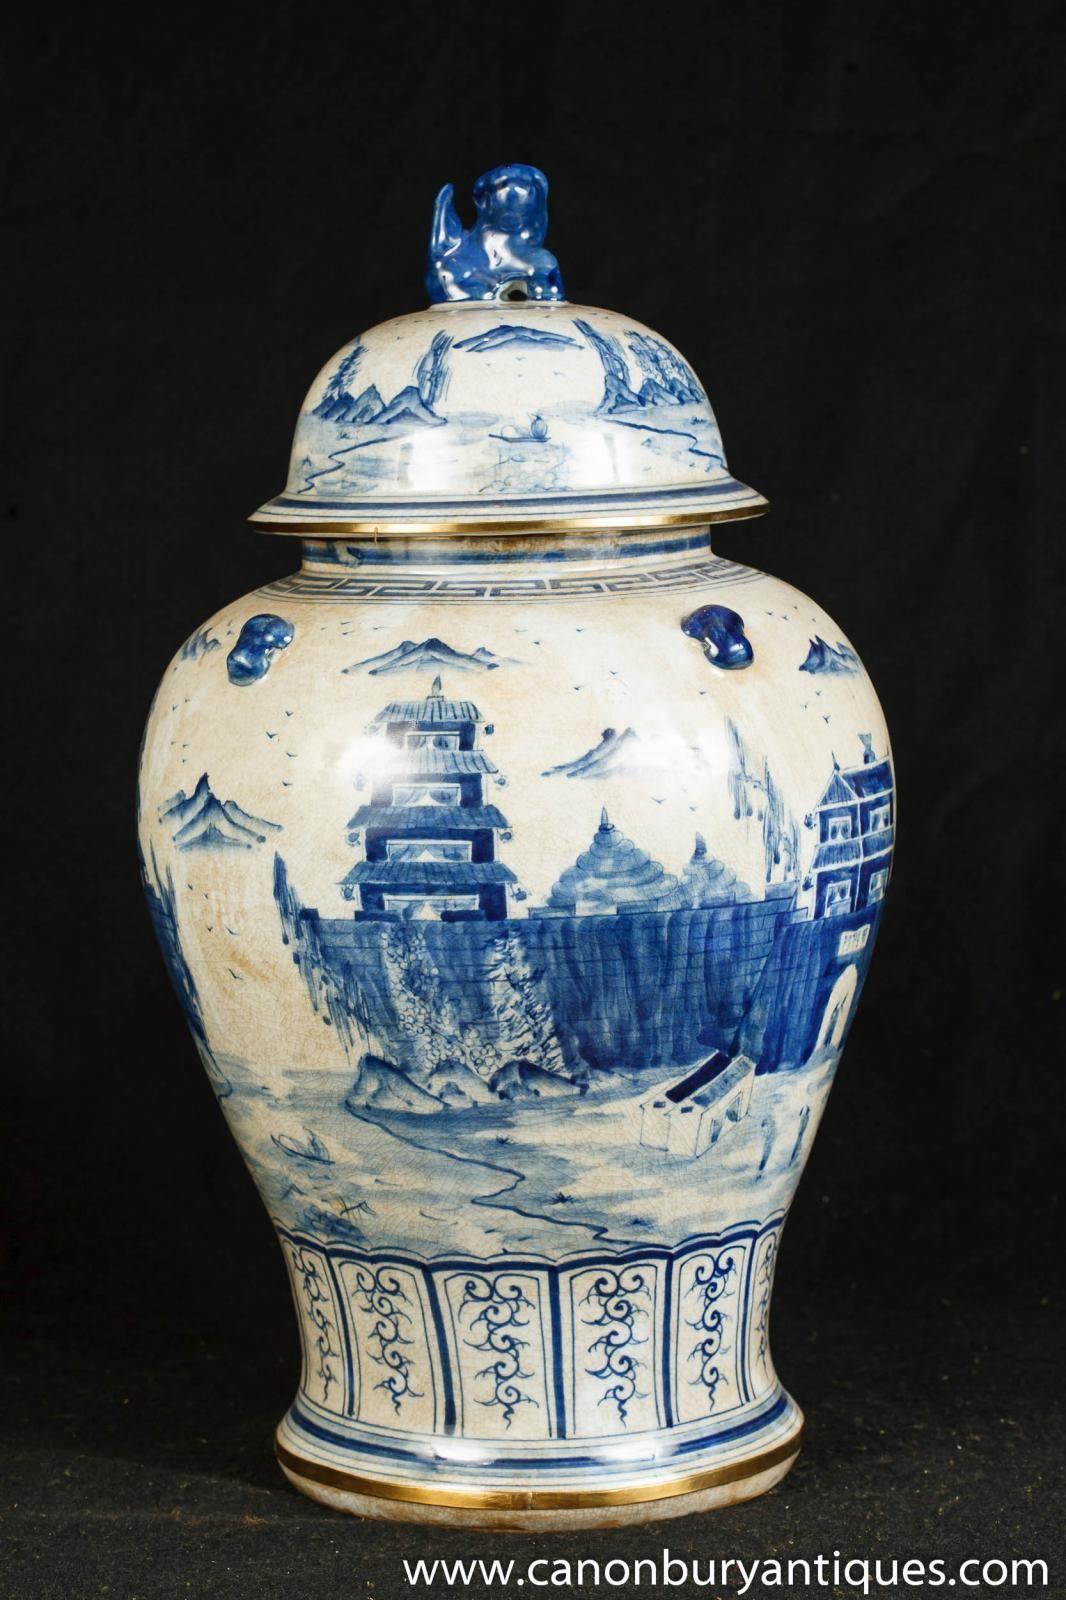 china blue fine porcelain vase of photo of single nanking pottery ginger jar blue white chinese pertaining to photo of single nanking pottery ginger jar blue white chinese porcelain vase